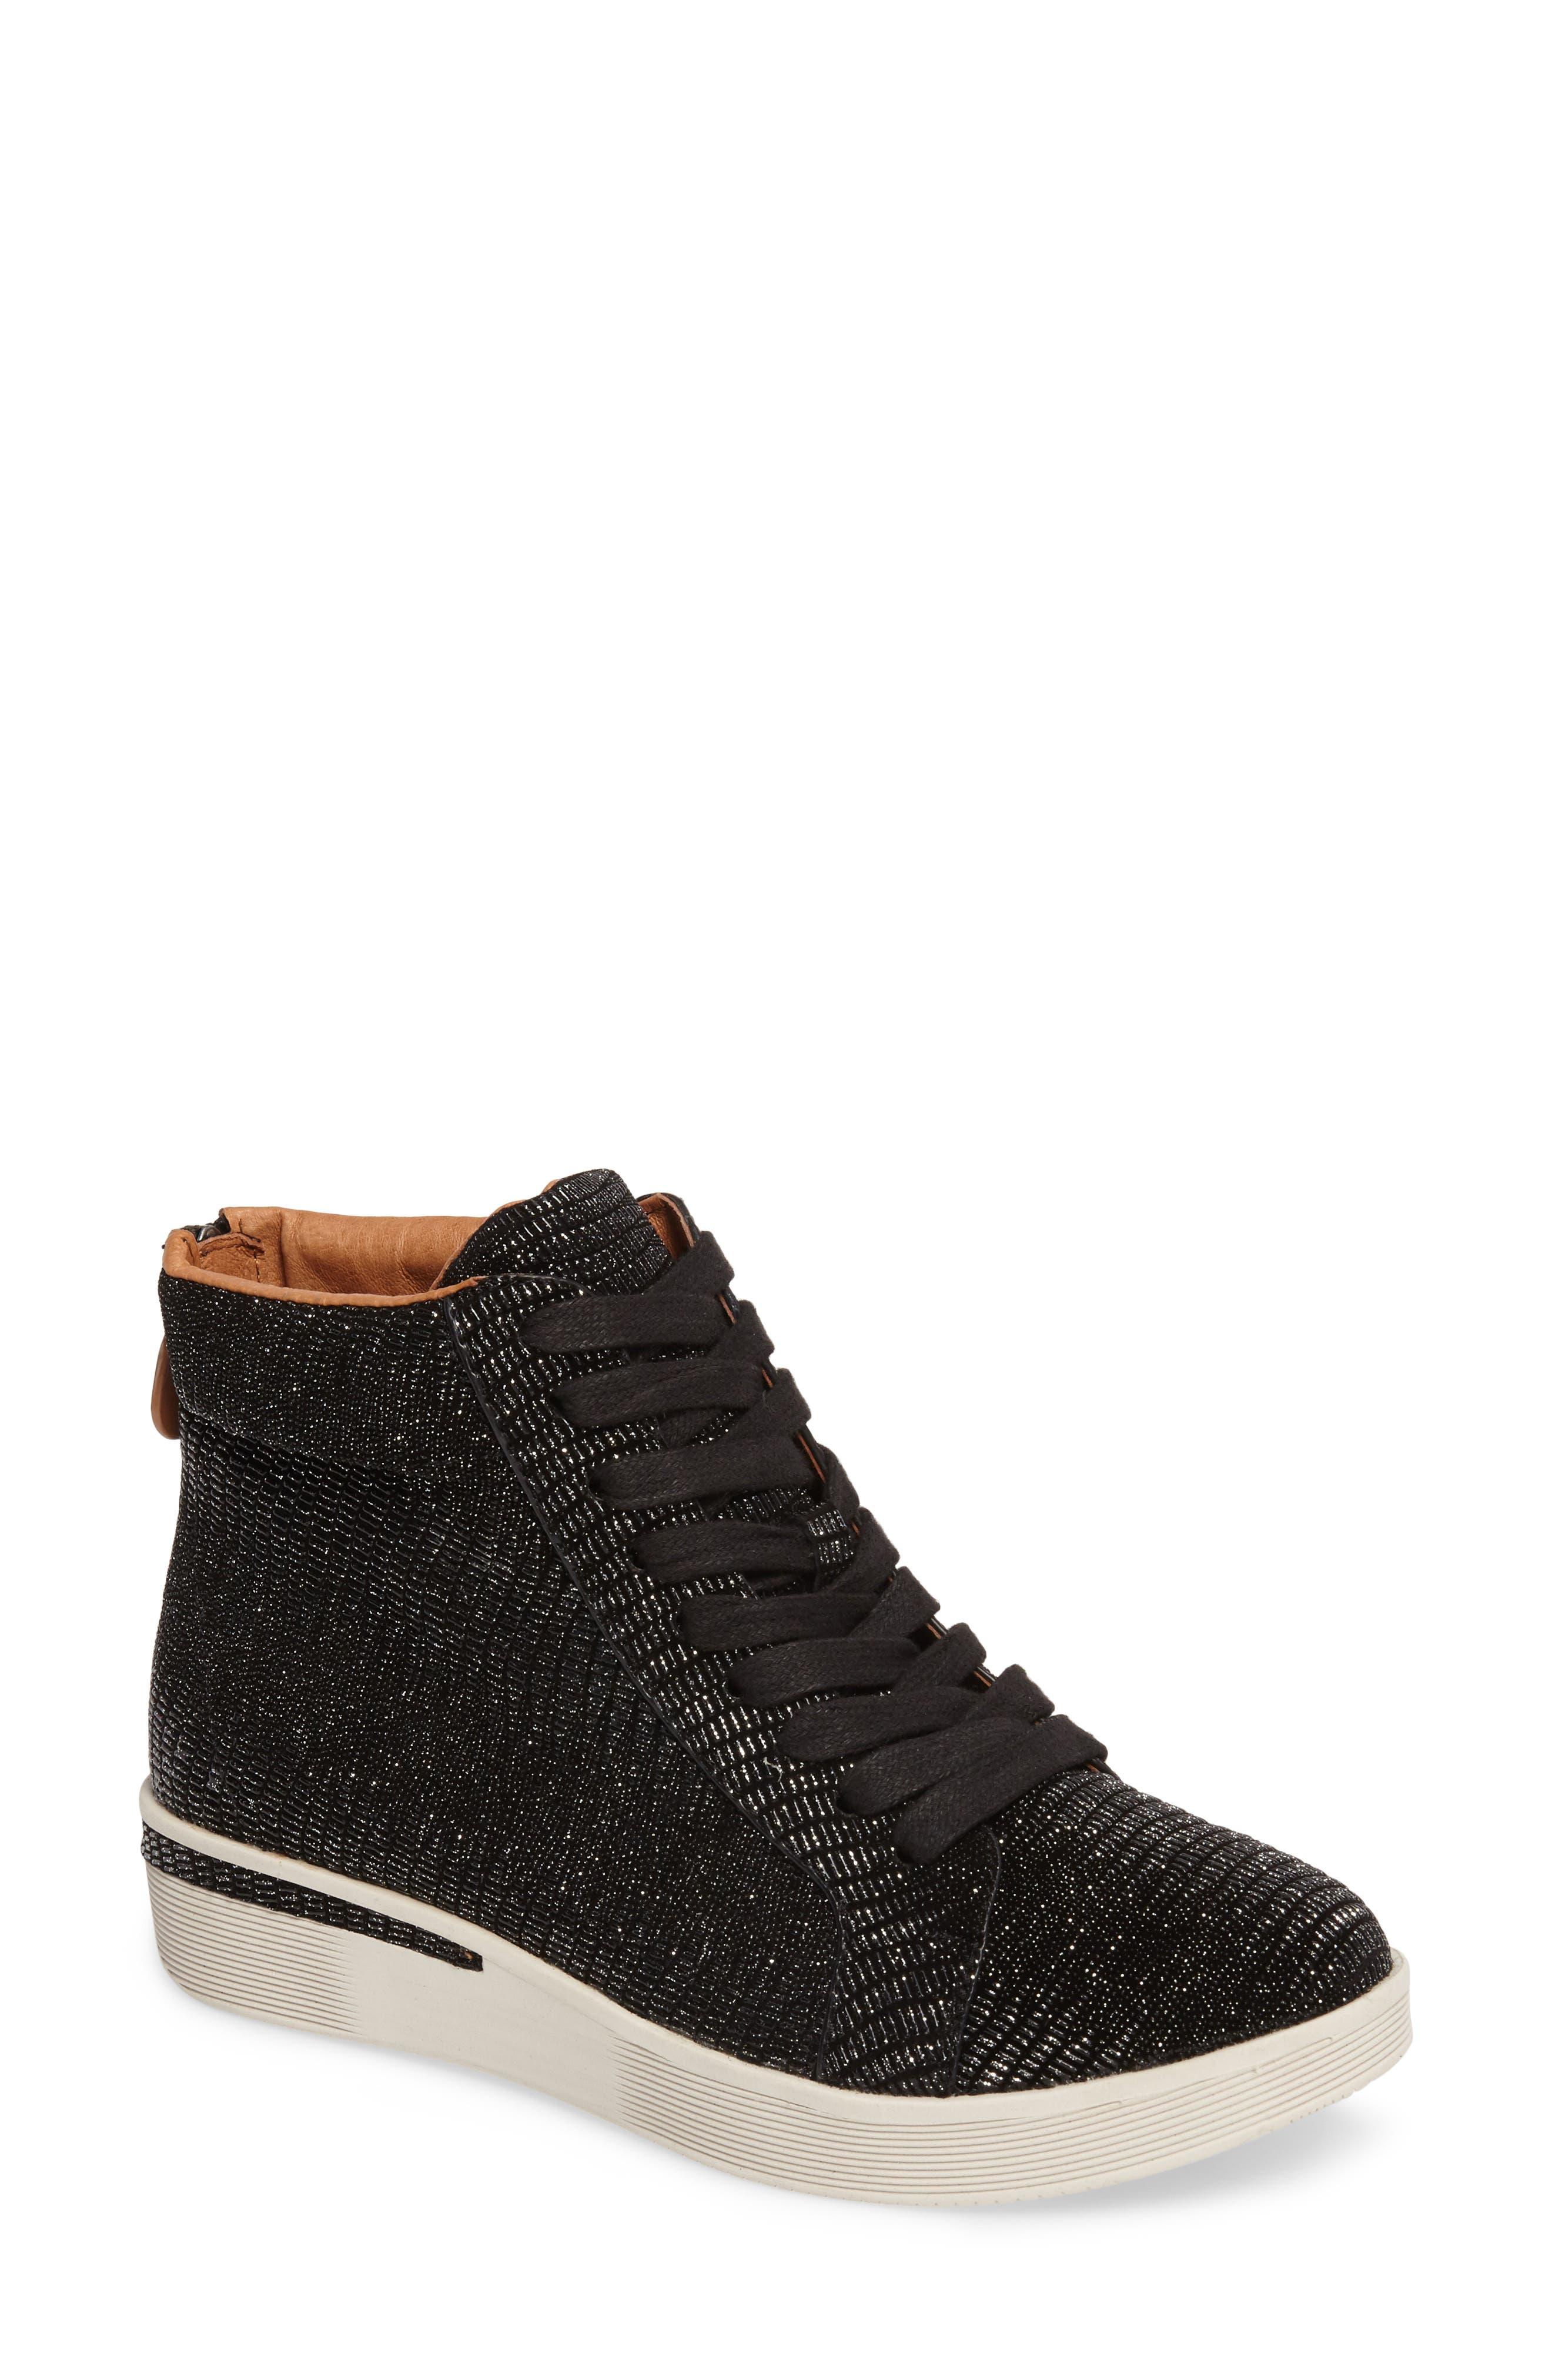 Helka High Top Sneaker,                         Main,                         color, 001